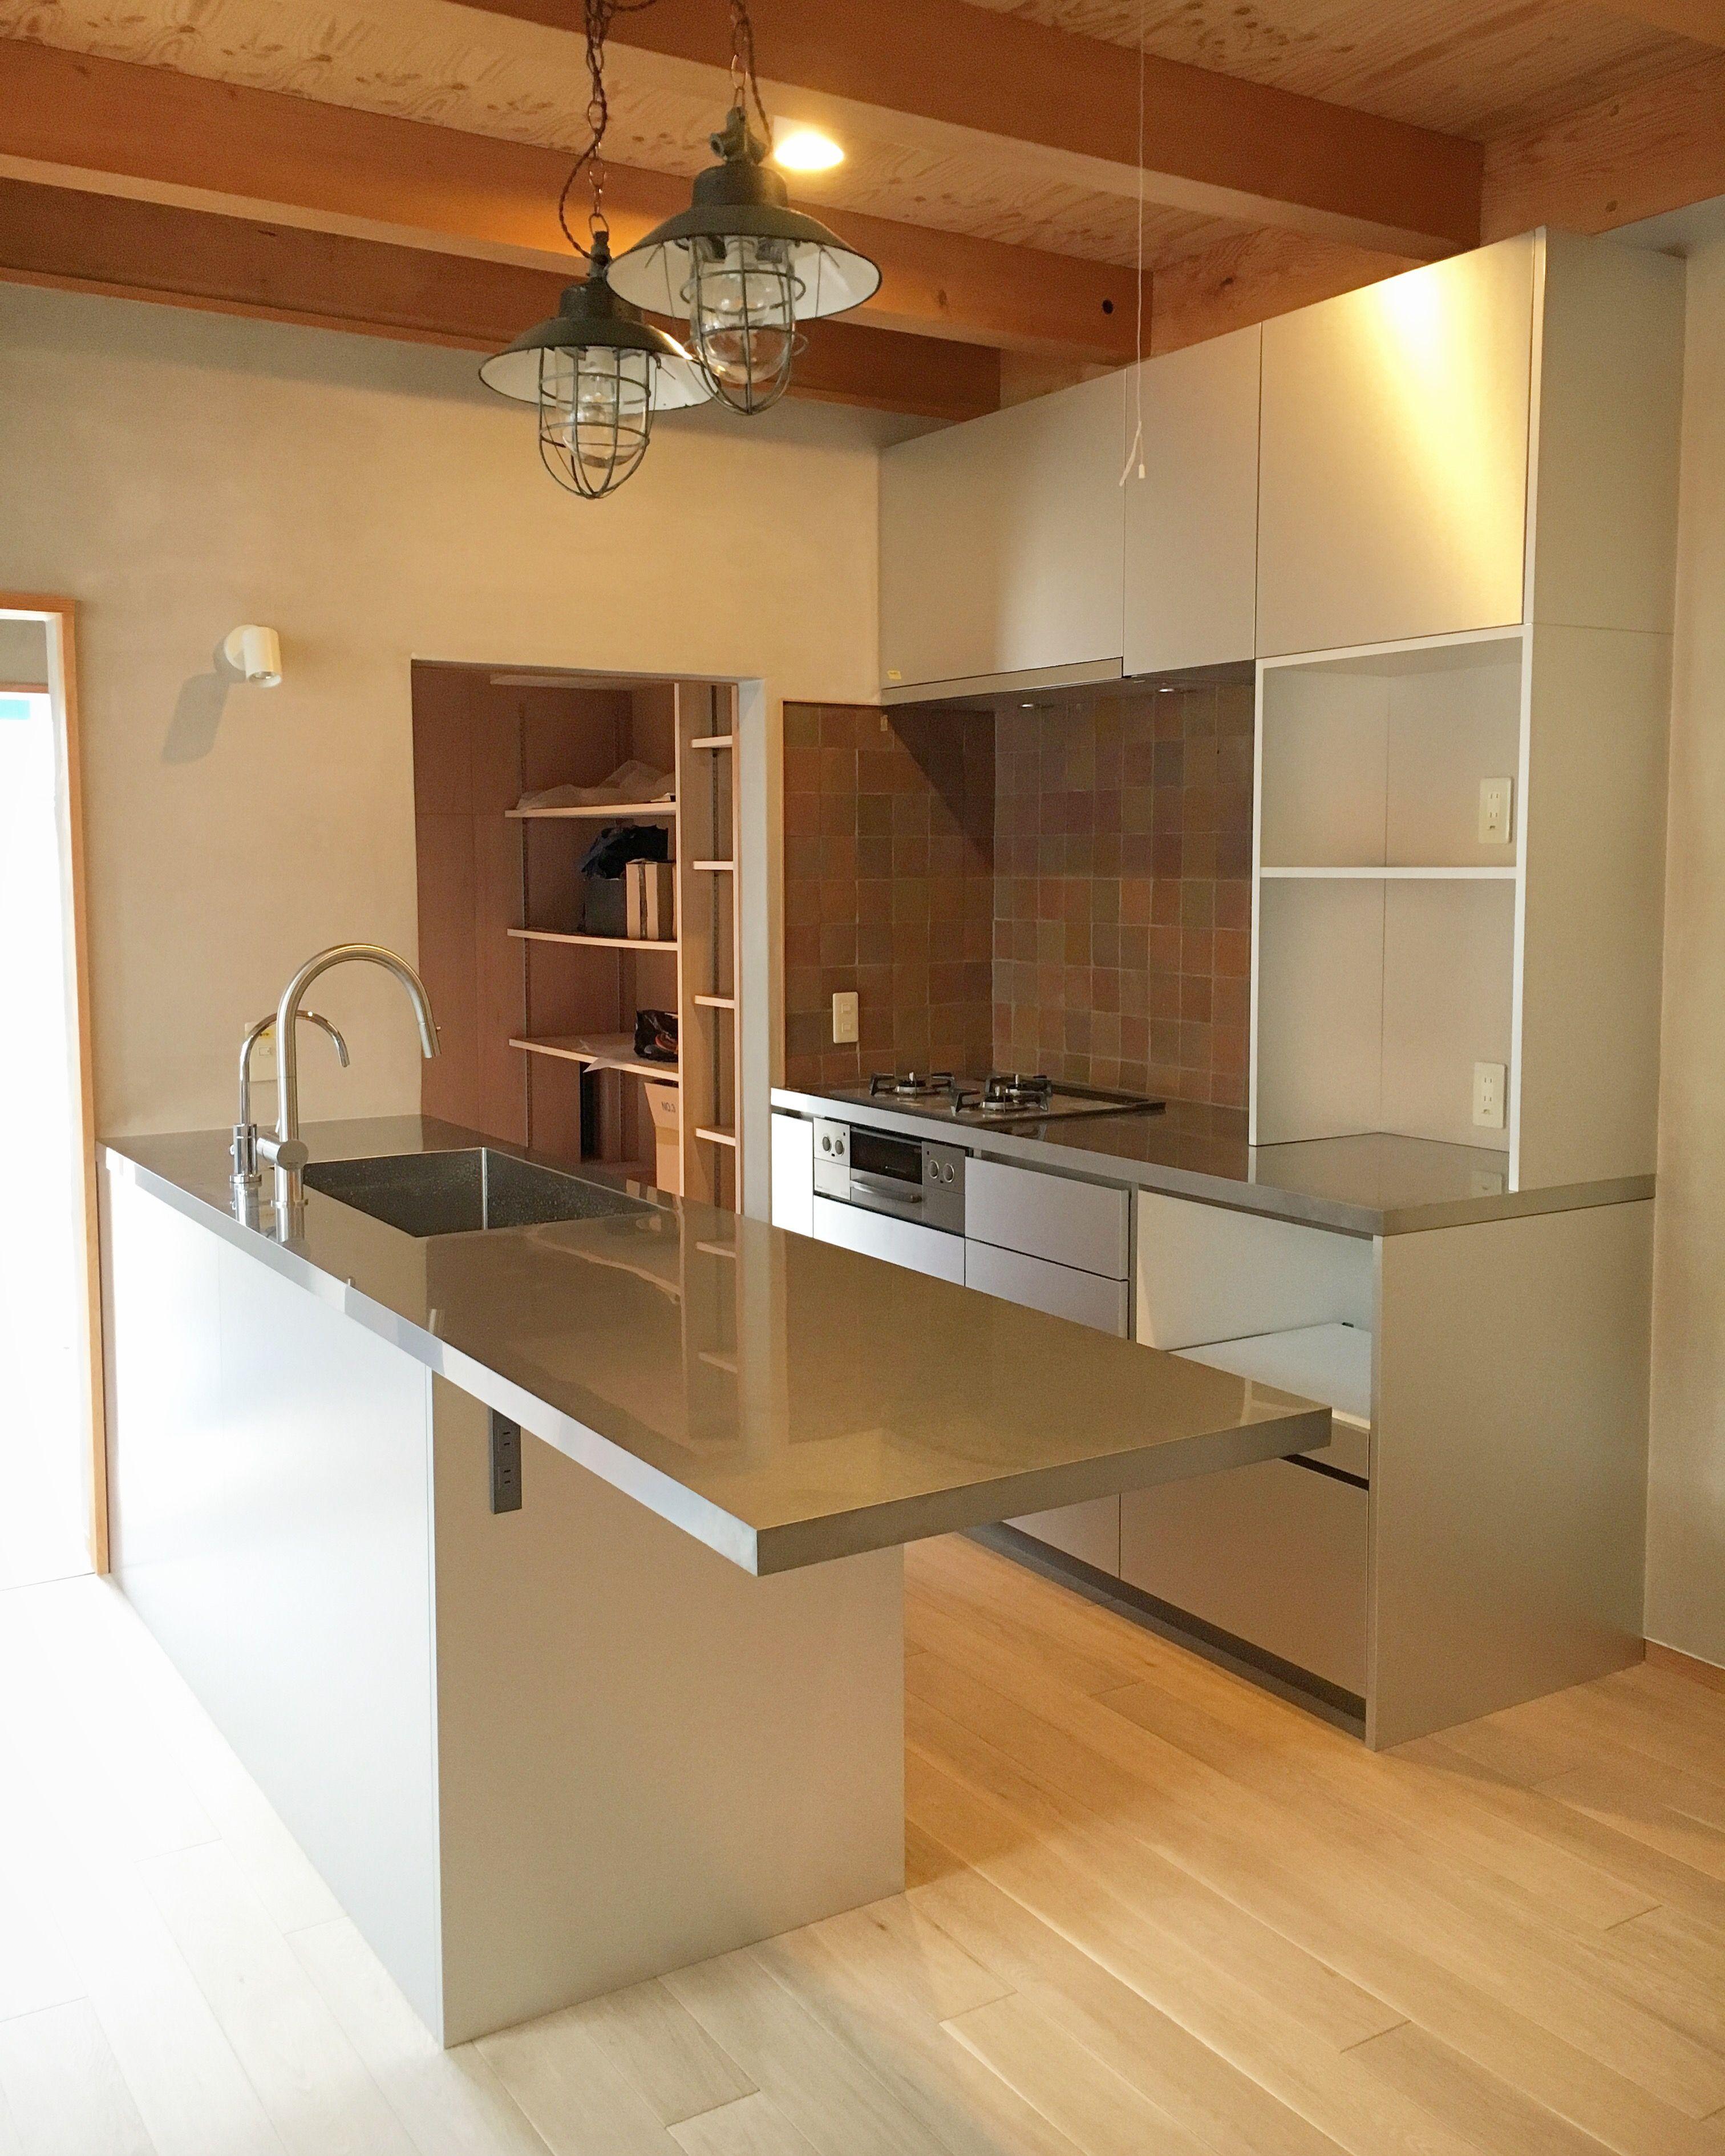 施工事例 キッチン オーダーキッチン Kitchen 型キッチン